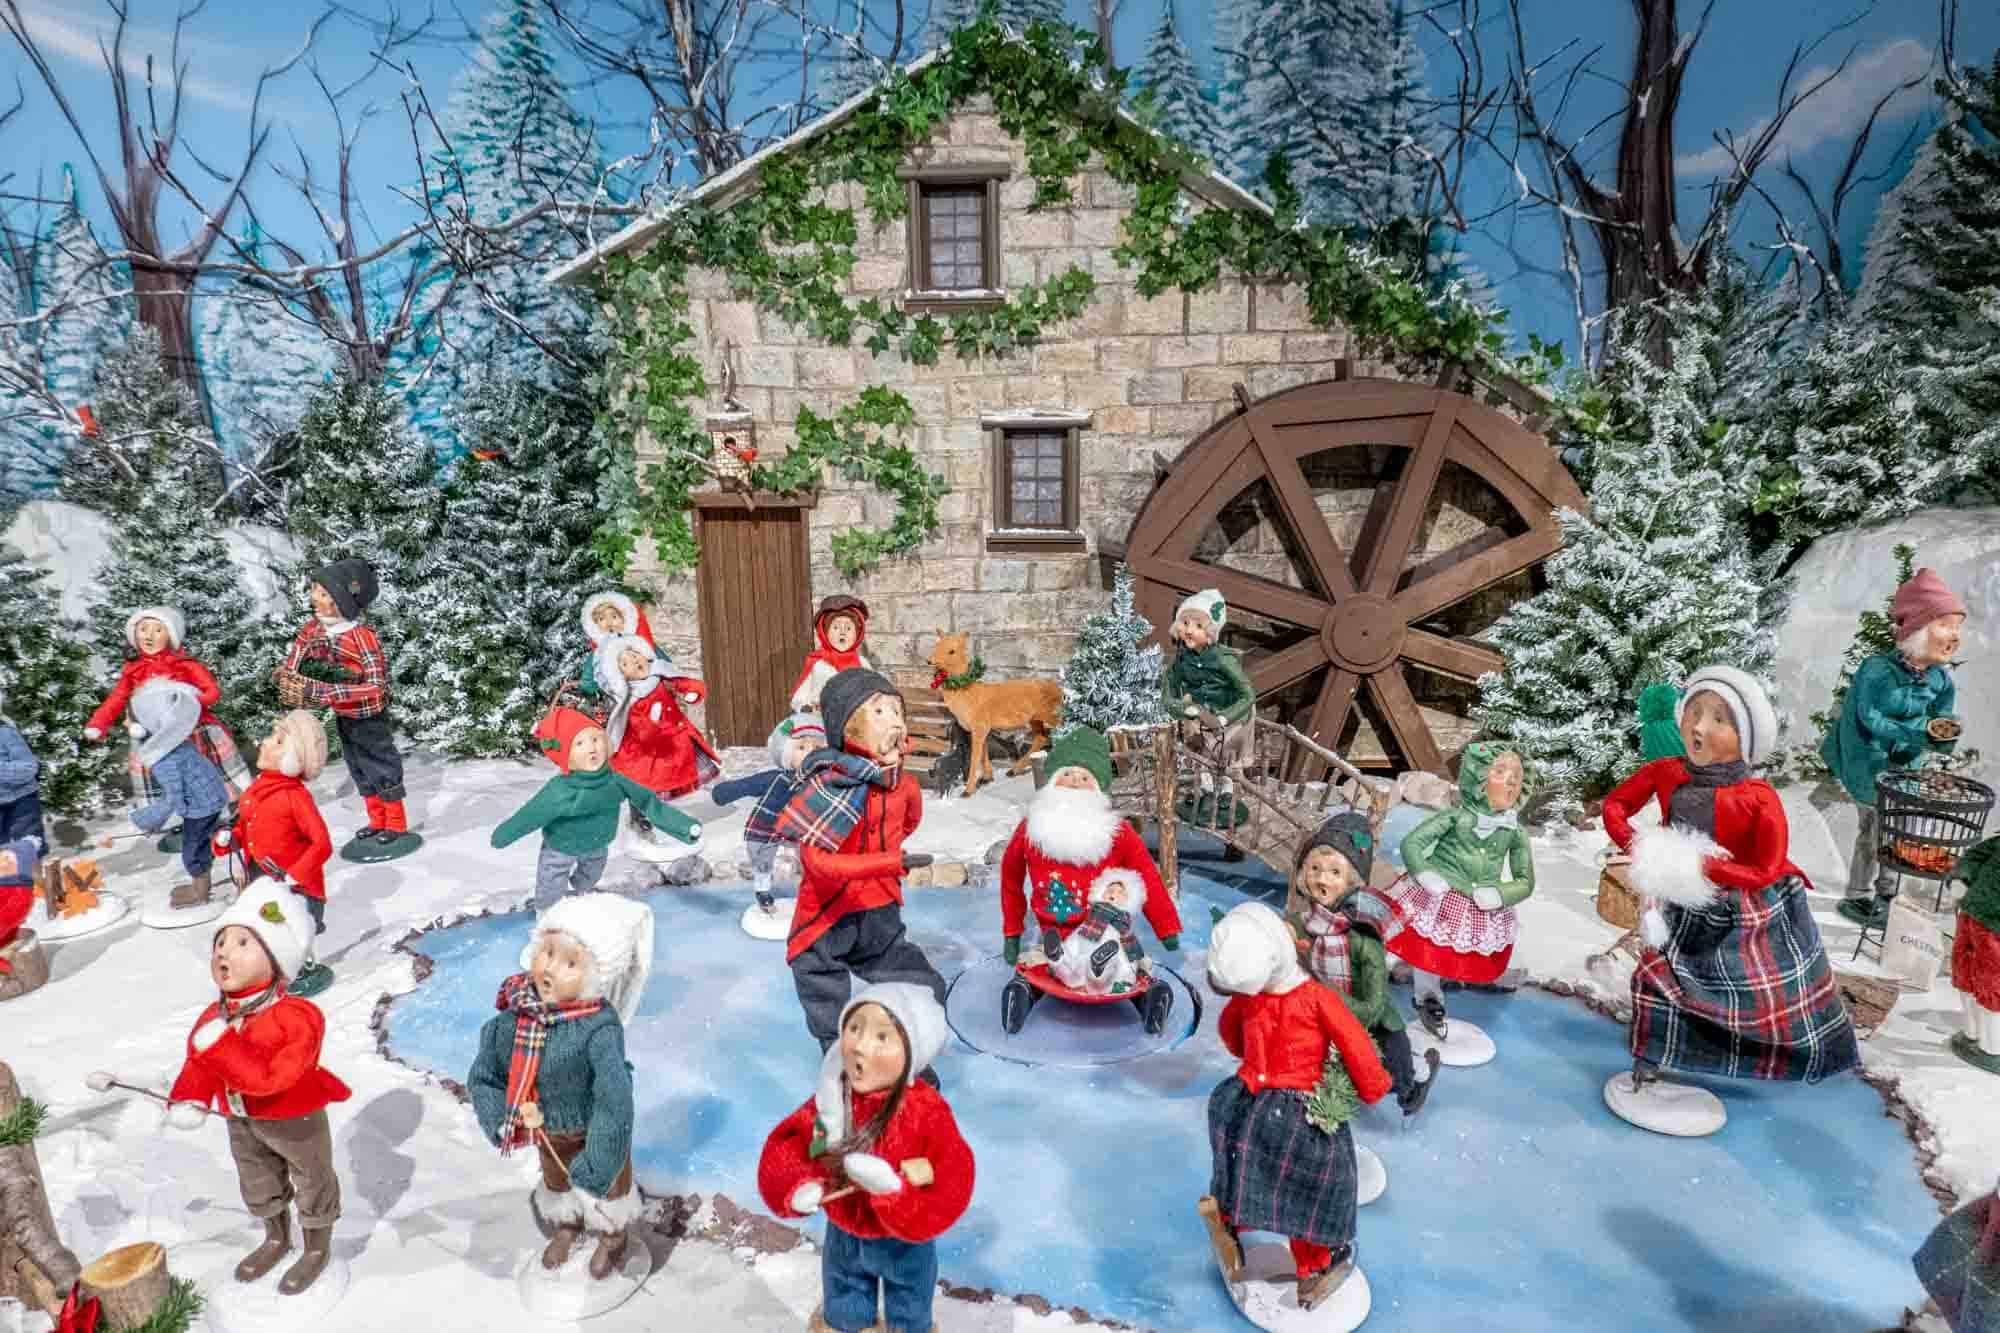 Ice skating display of figurine dolls